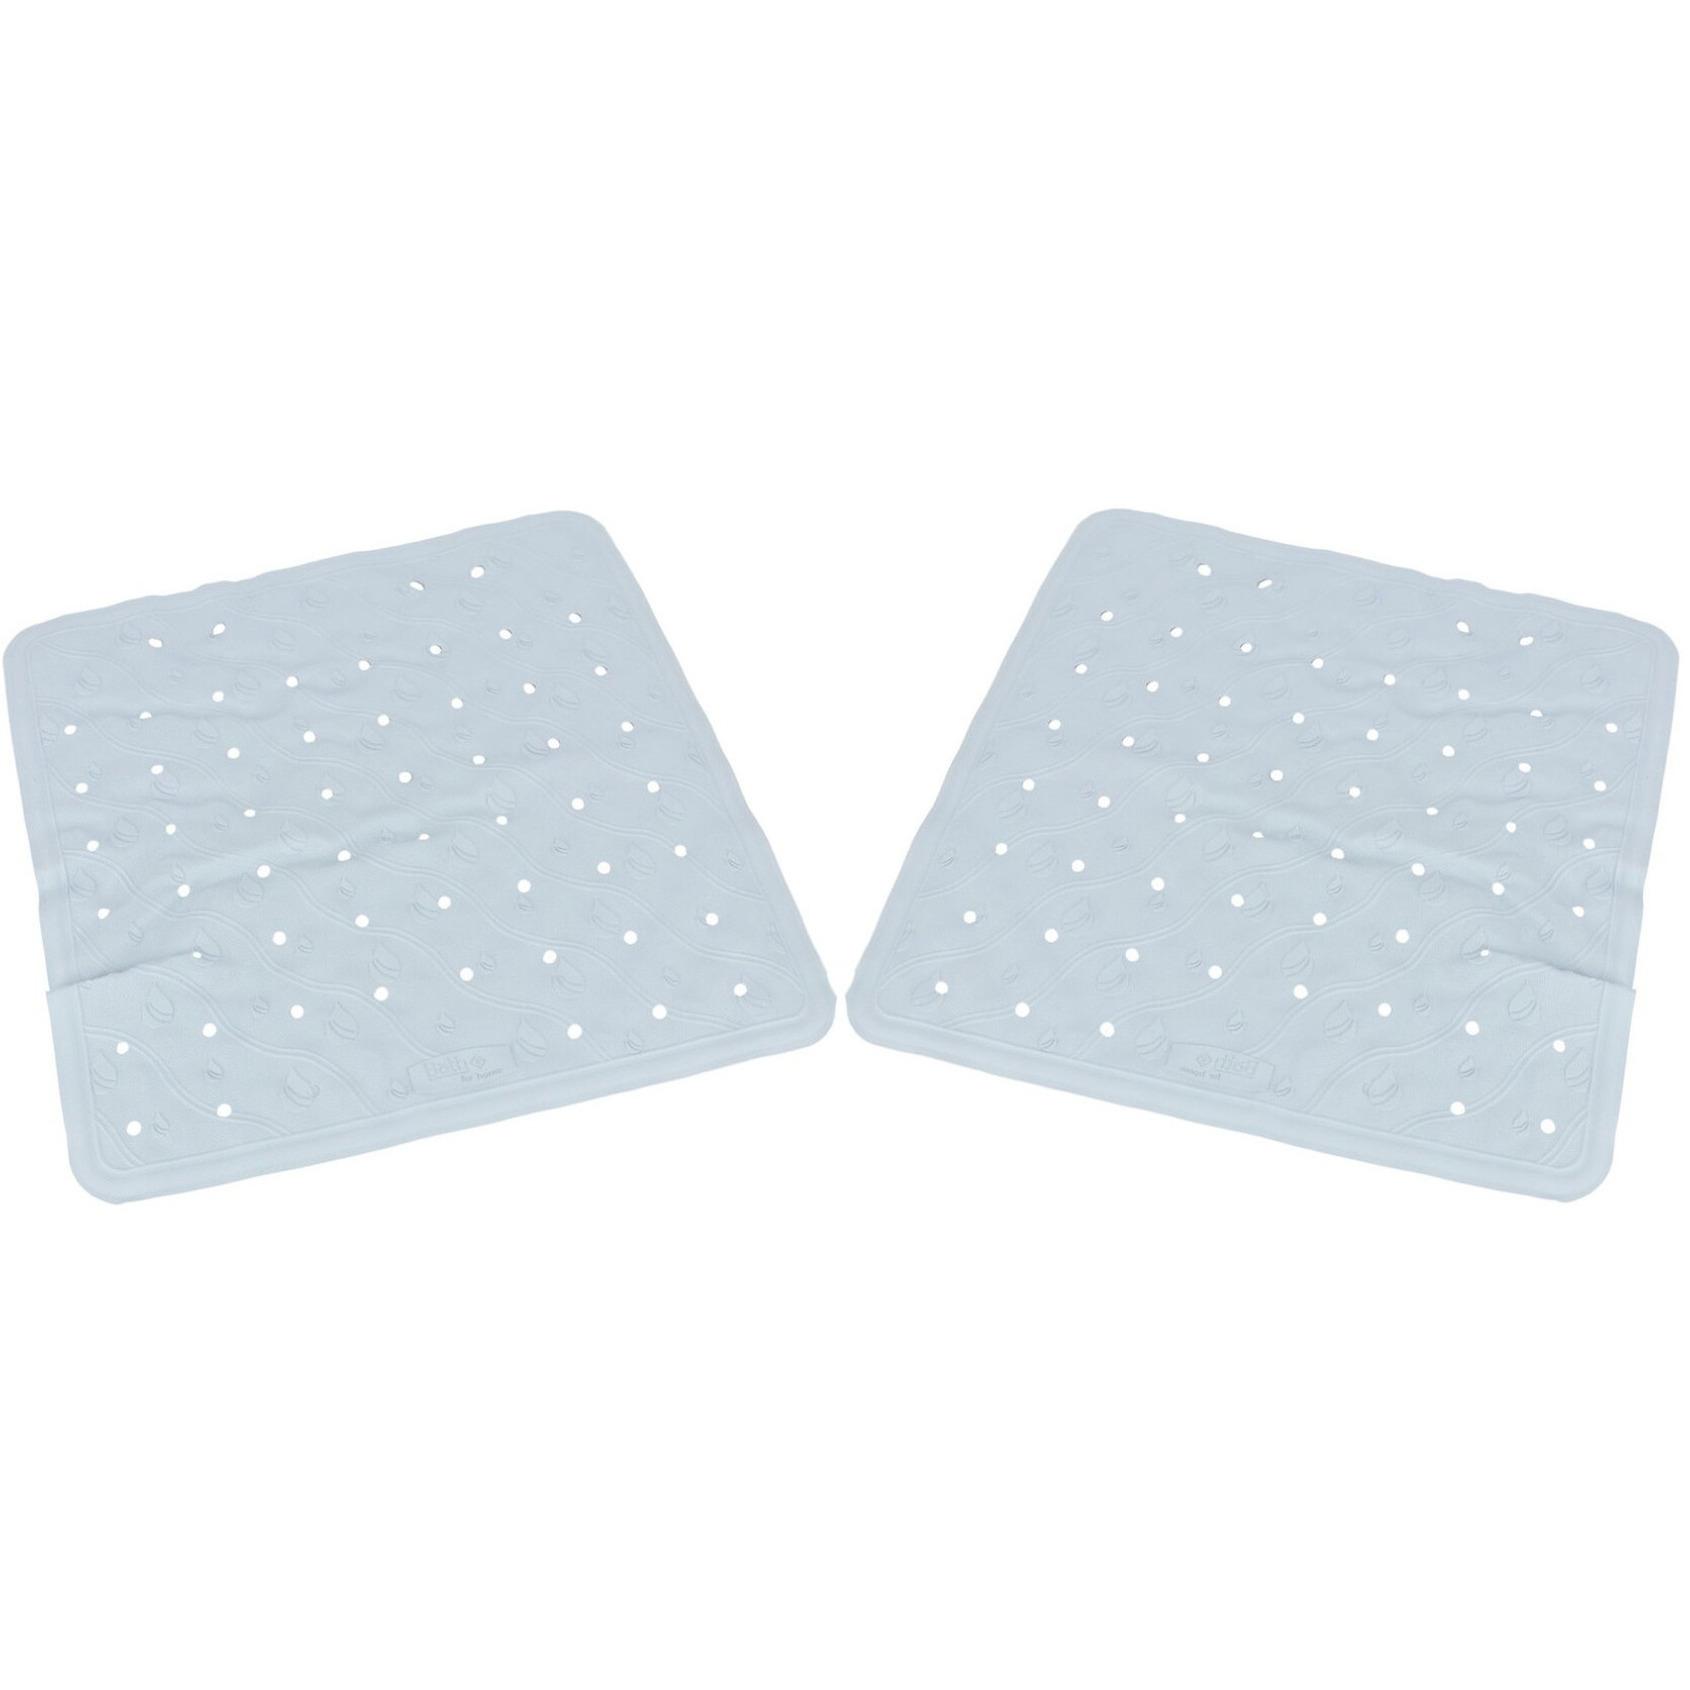 2x Lichtblauwe anti-slip badmatten-douchematten 45 x 45 cm vierkant